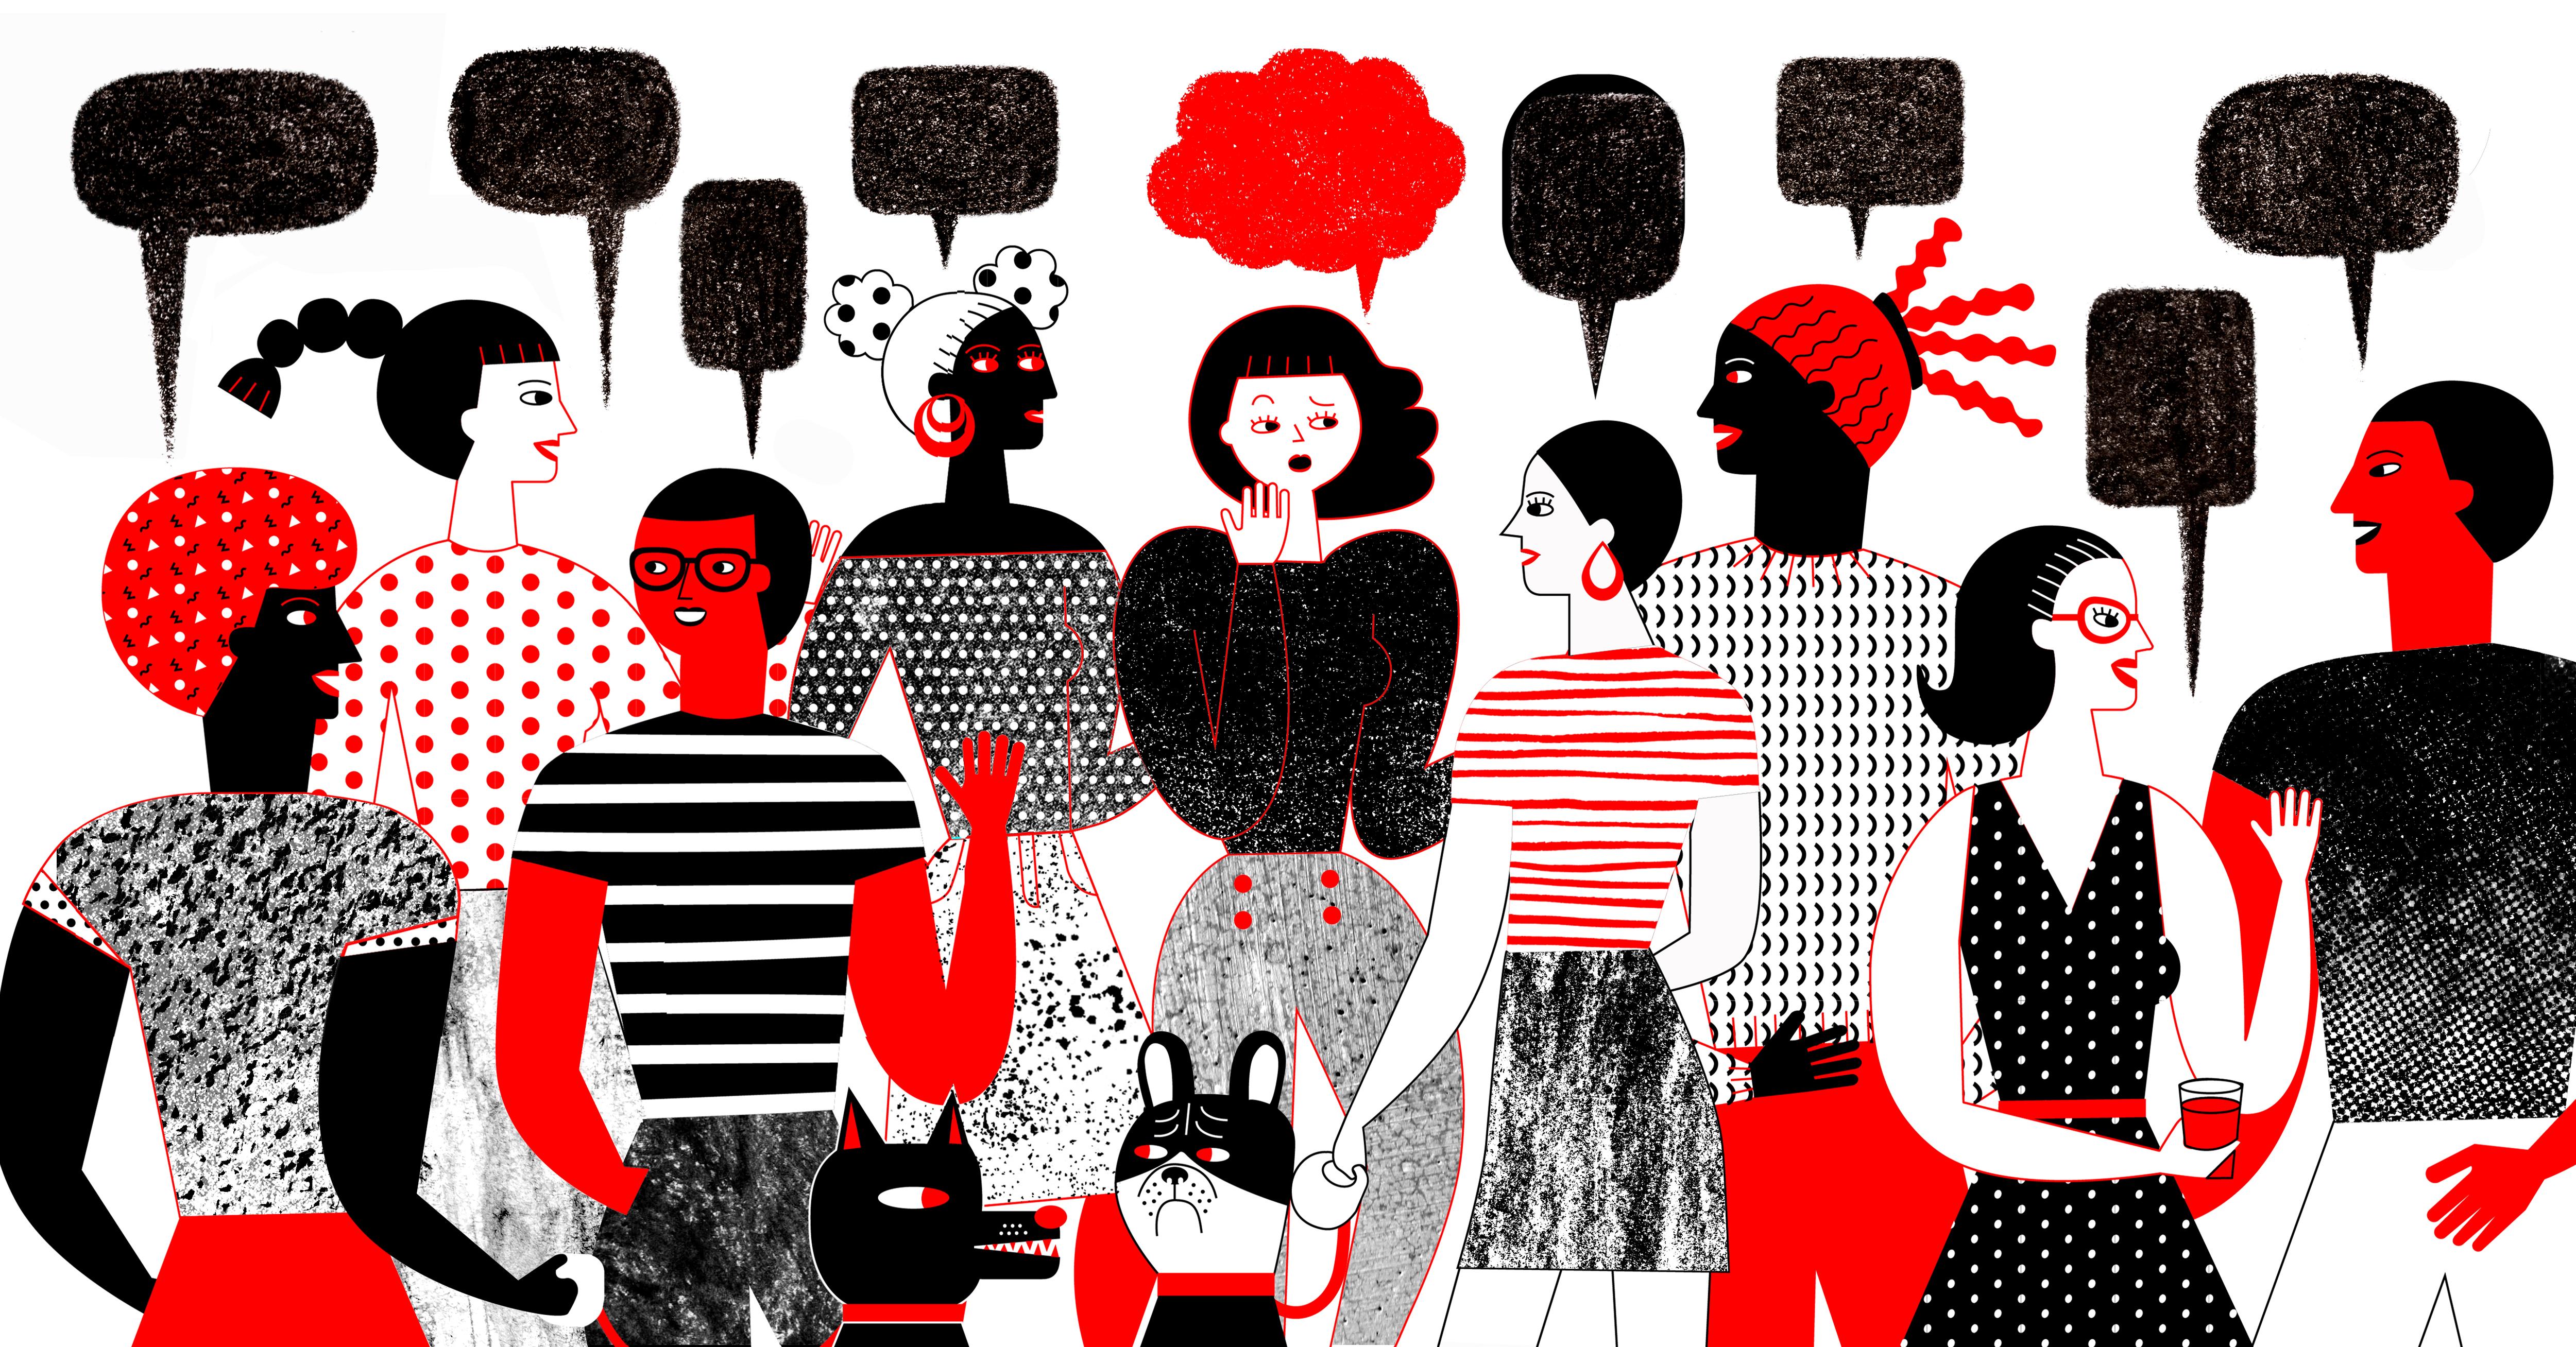 L'apprentissage d'une langue permet-il de lutter contre les préjugés et stéréotypes les plus répandus ?